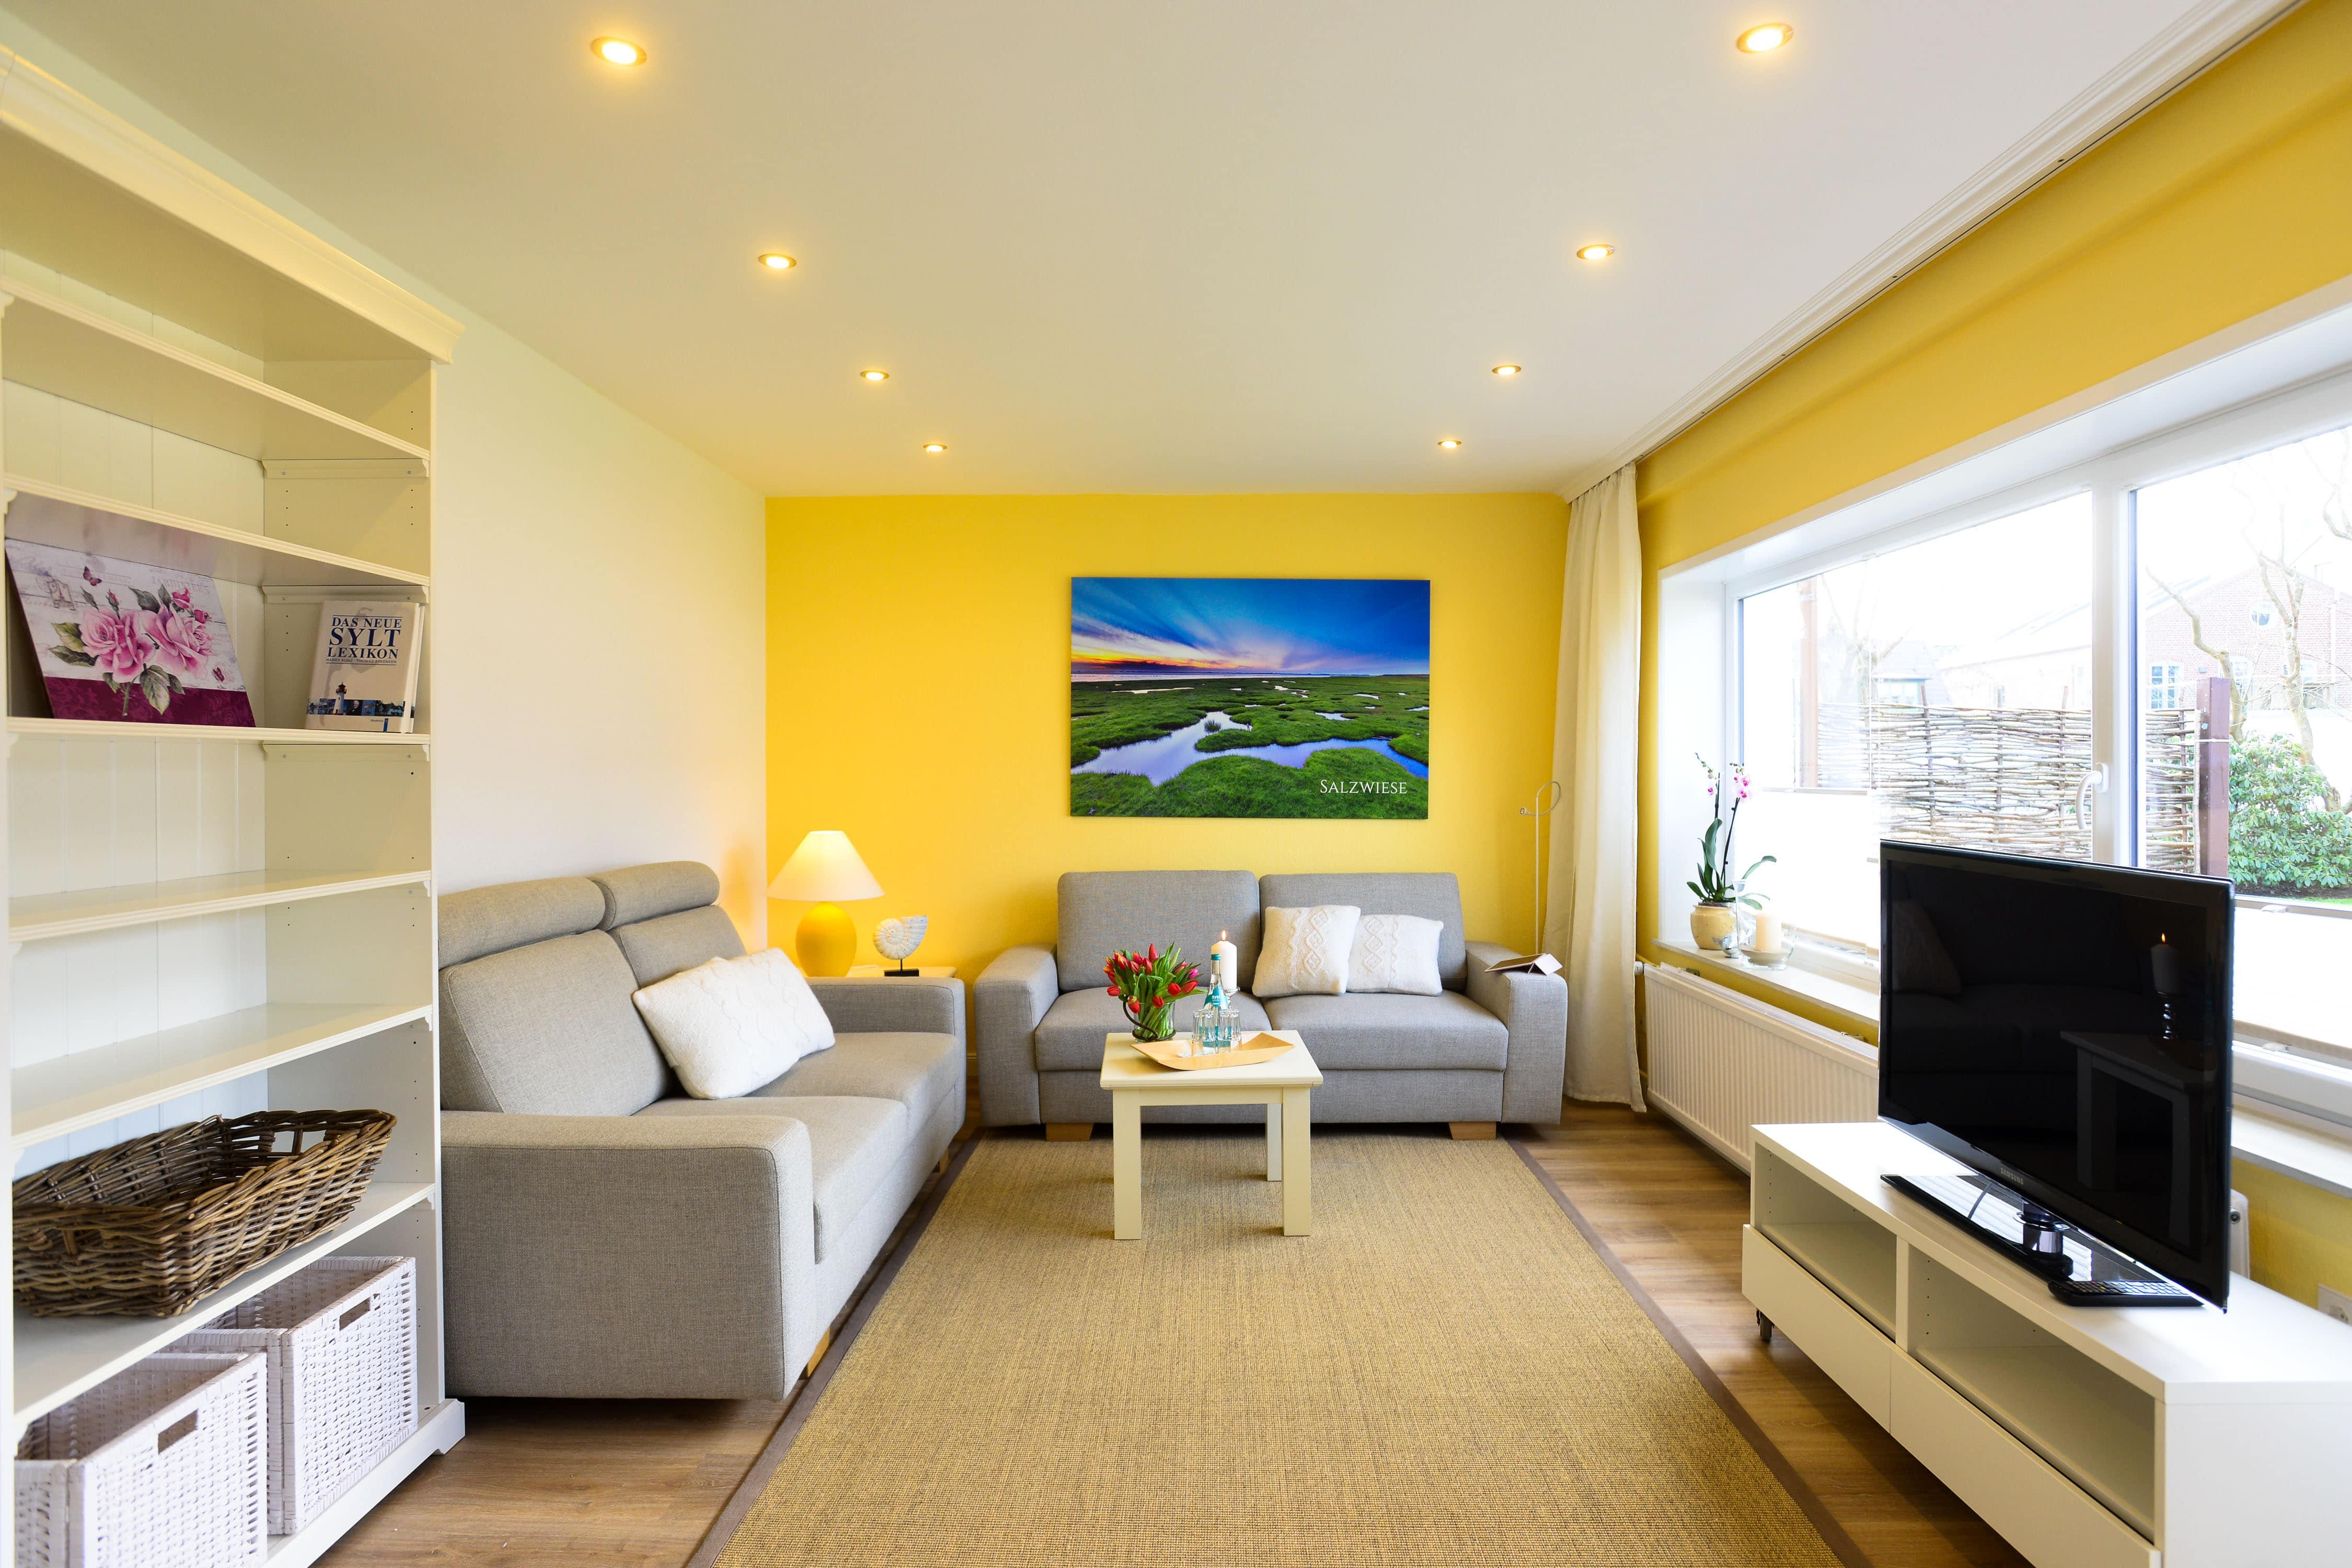 freie zeiten ferienwohnung sylt wir bieten ihnen appartments in westerland. Black Bedroom Furniture Sets. Home Design Ideas